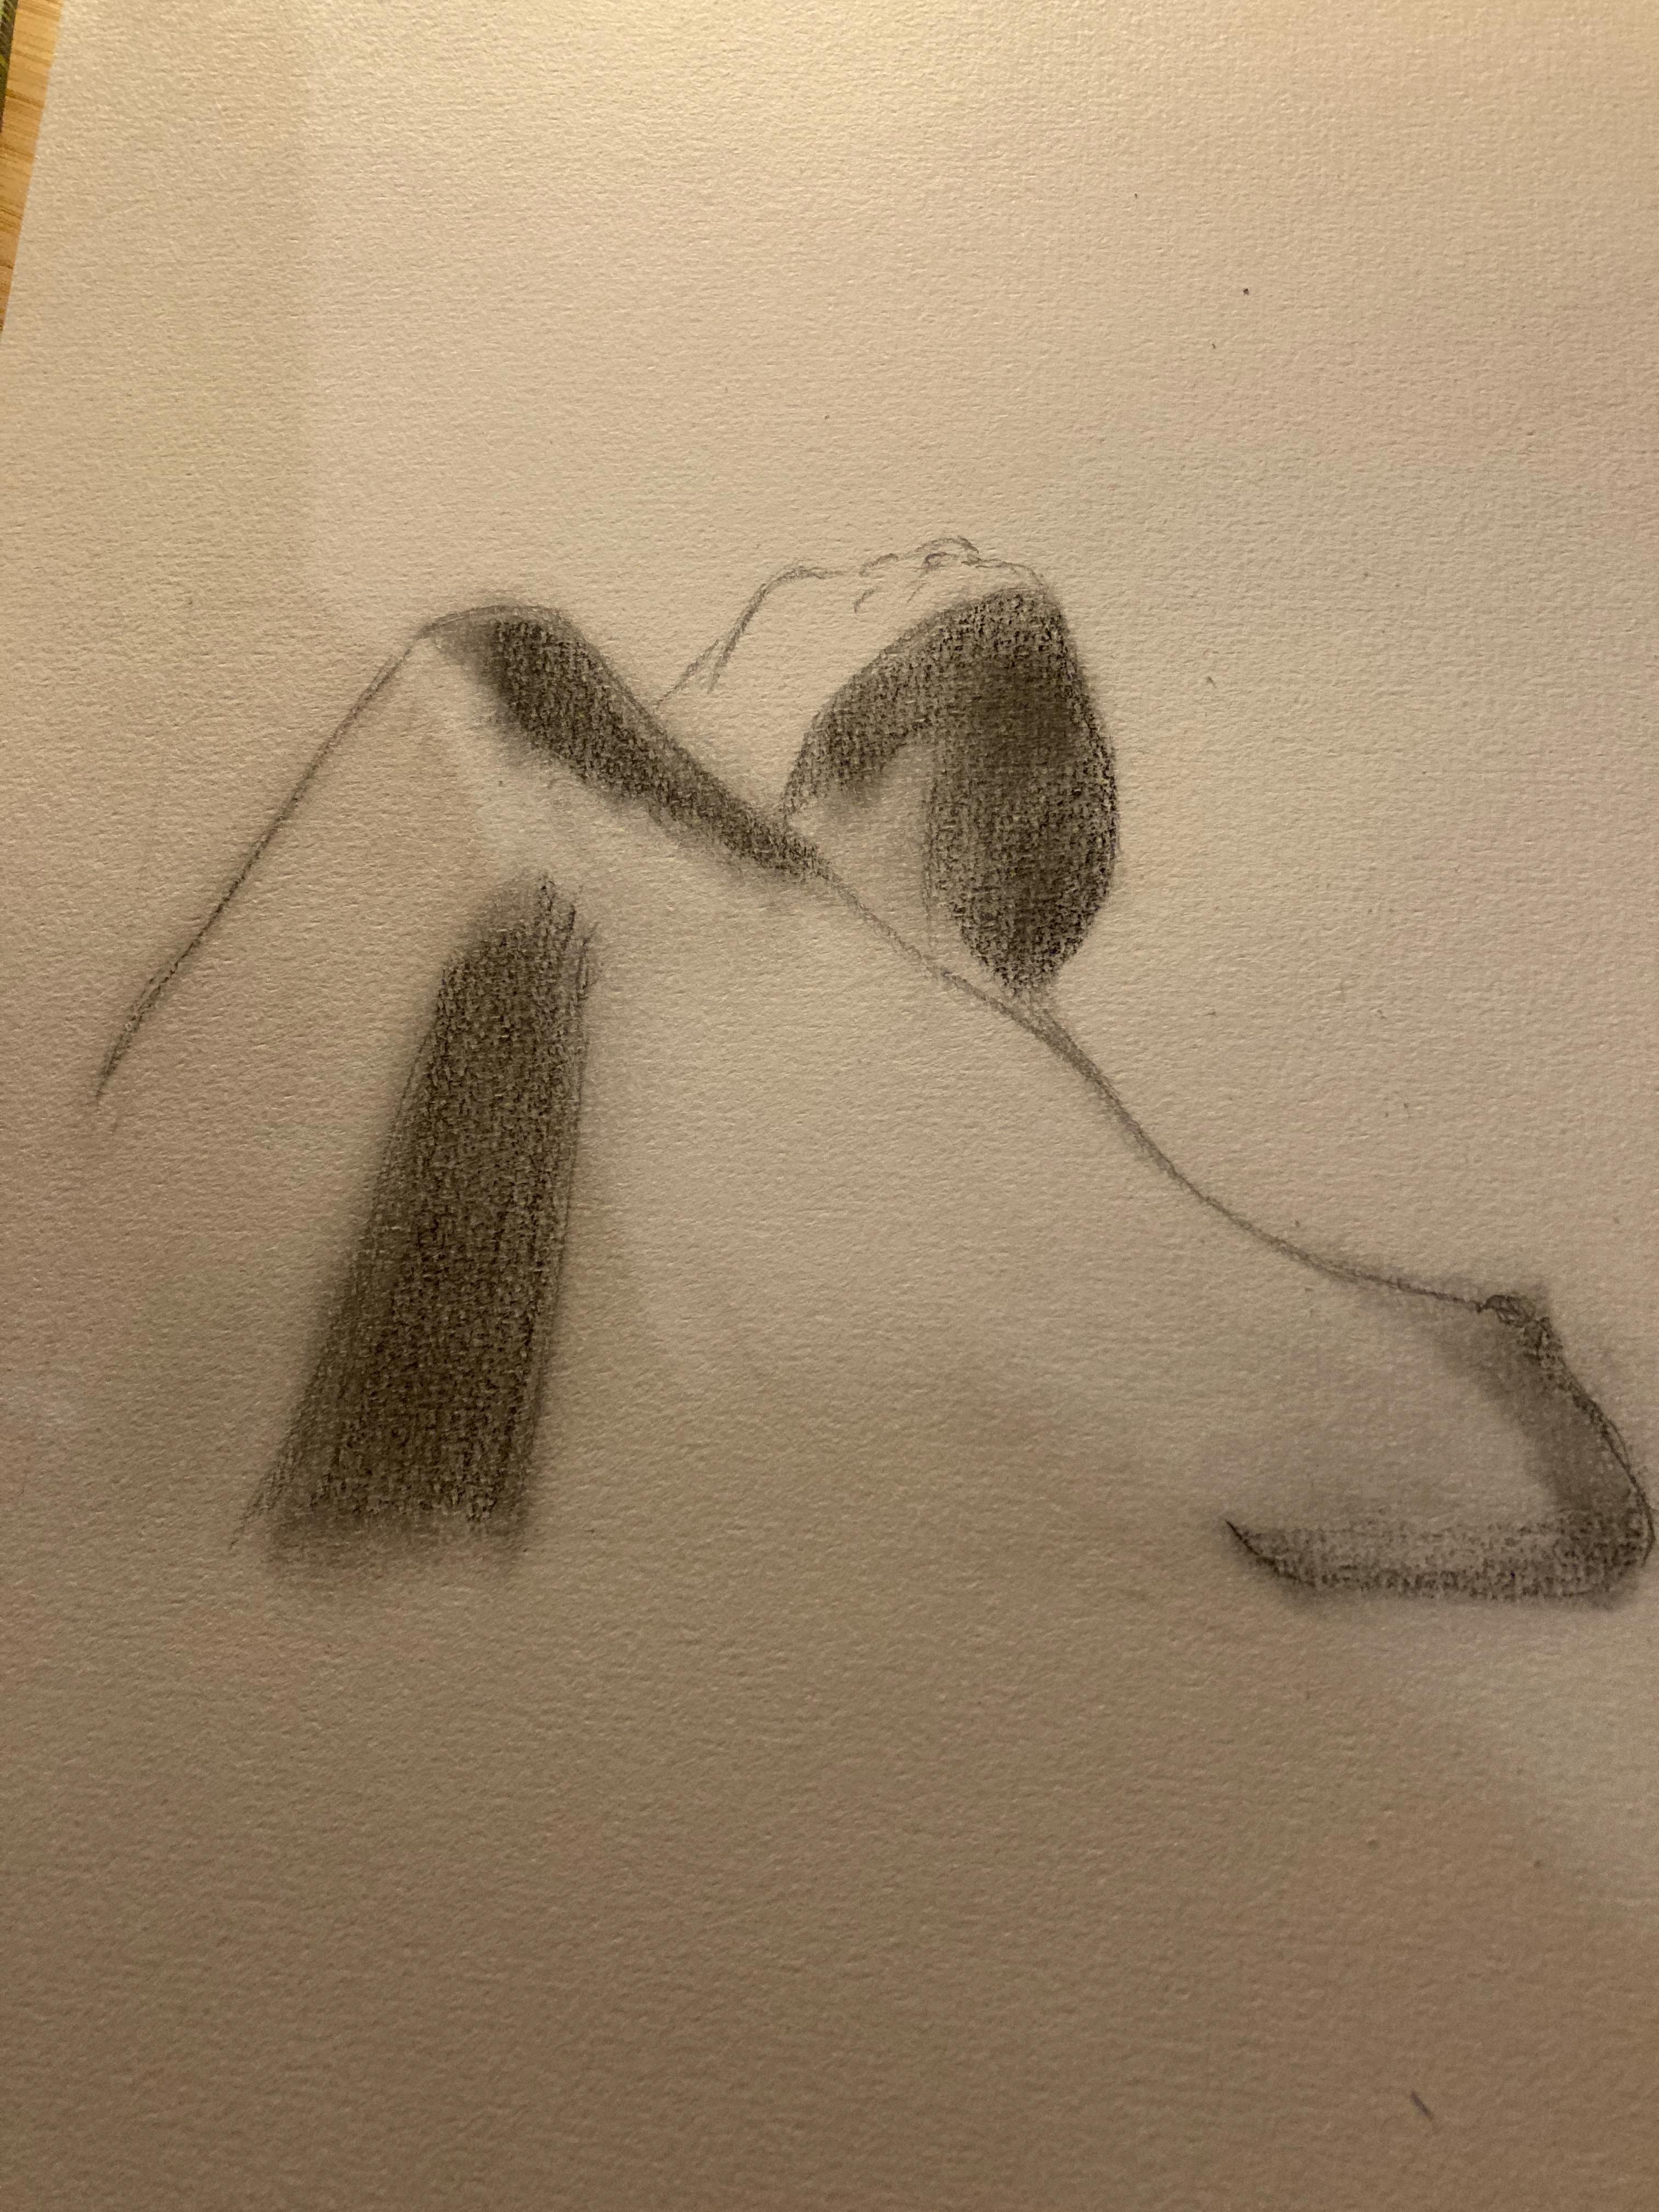 Dessin estompe contre-plongées buste  cours de dessin